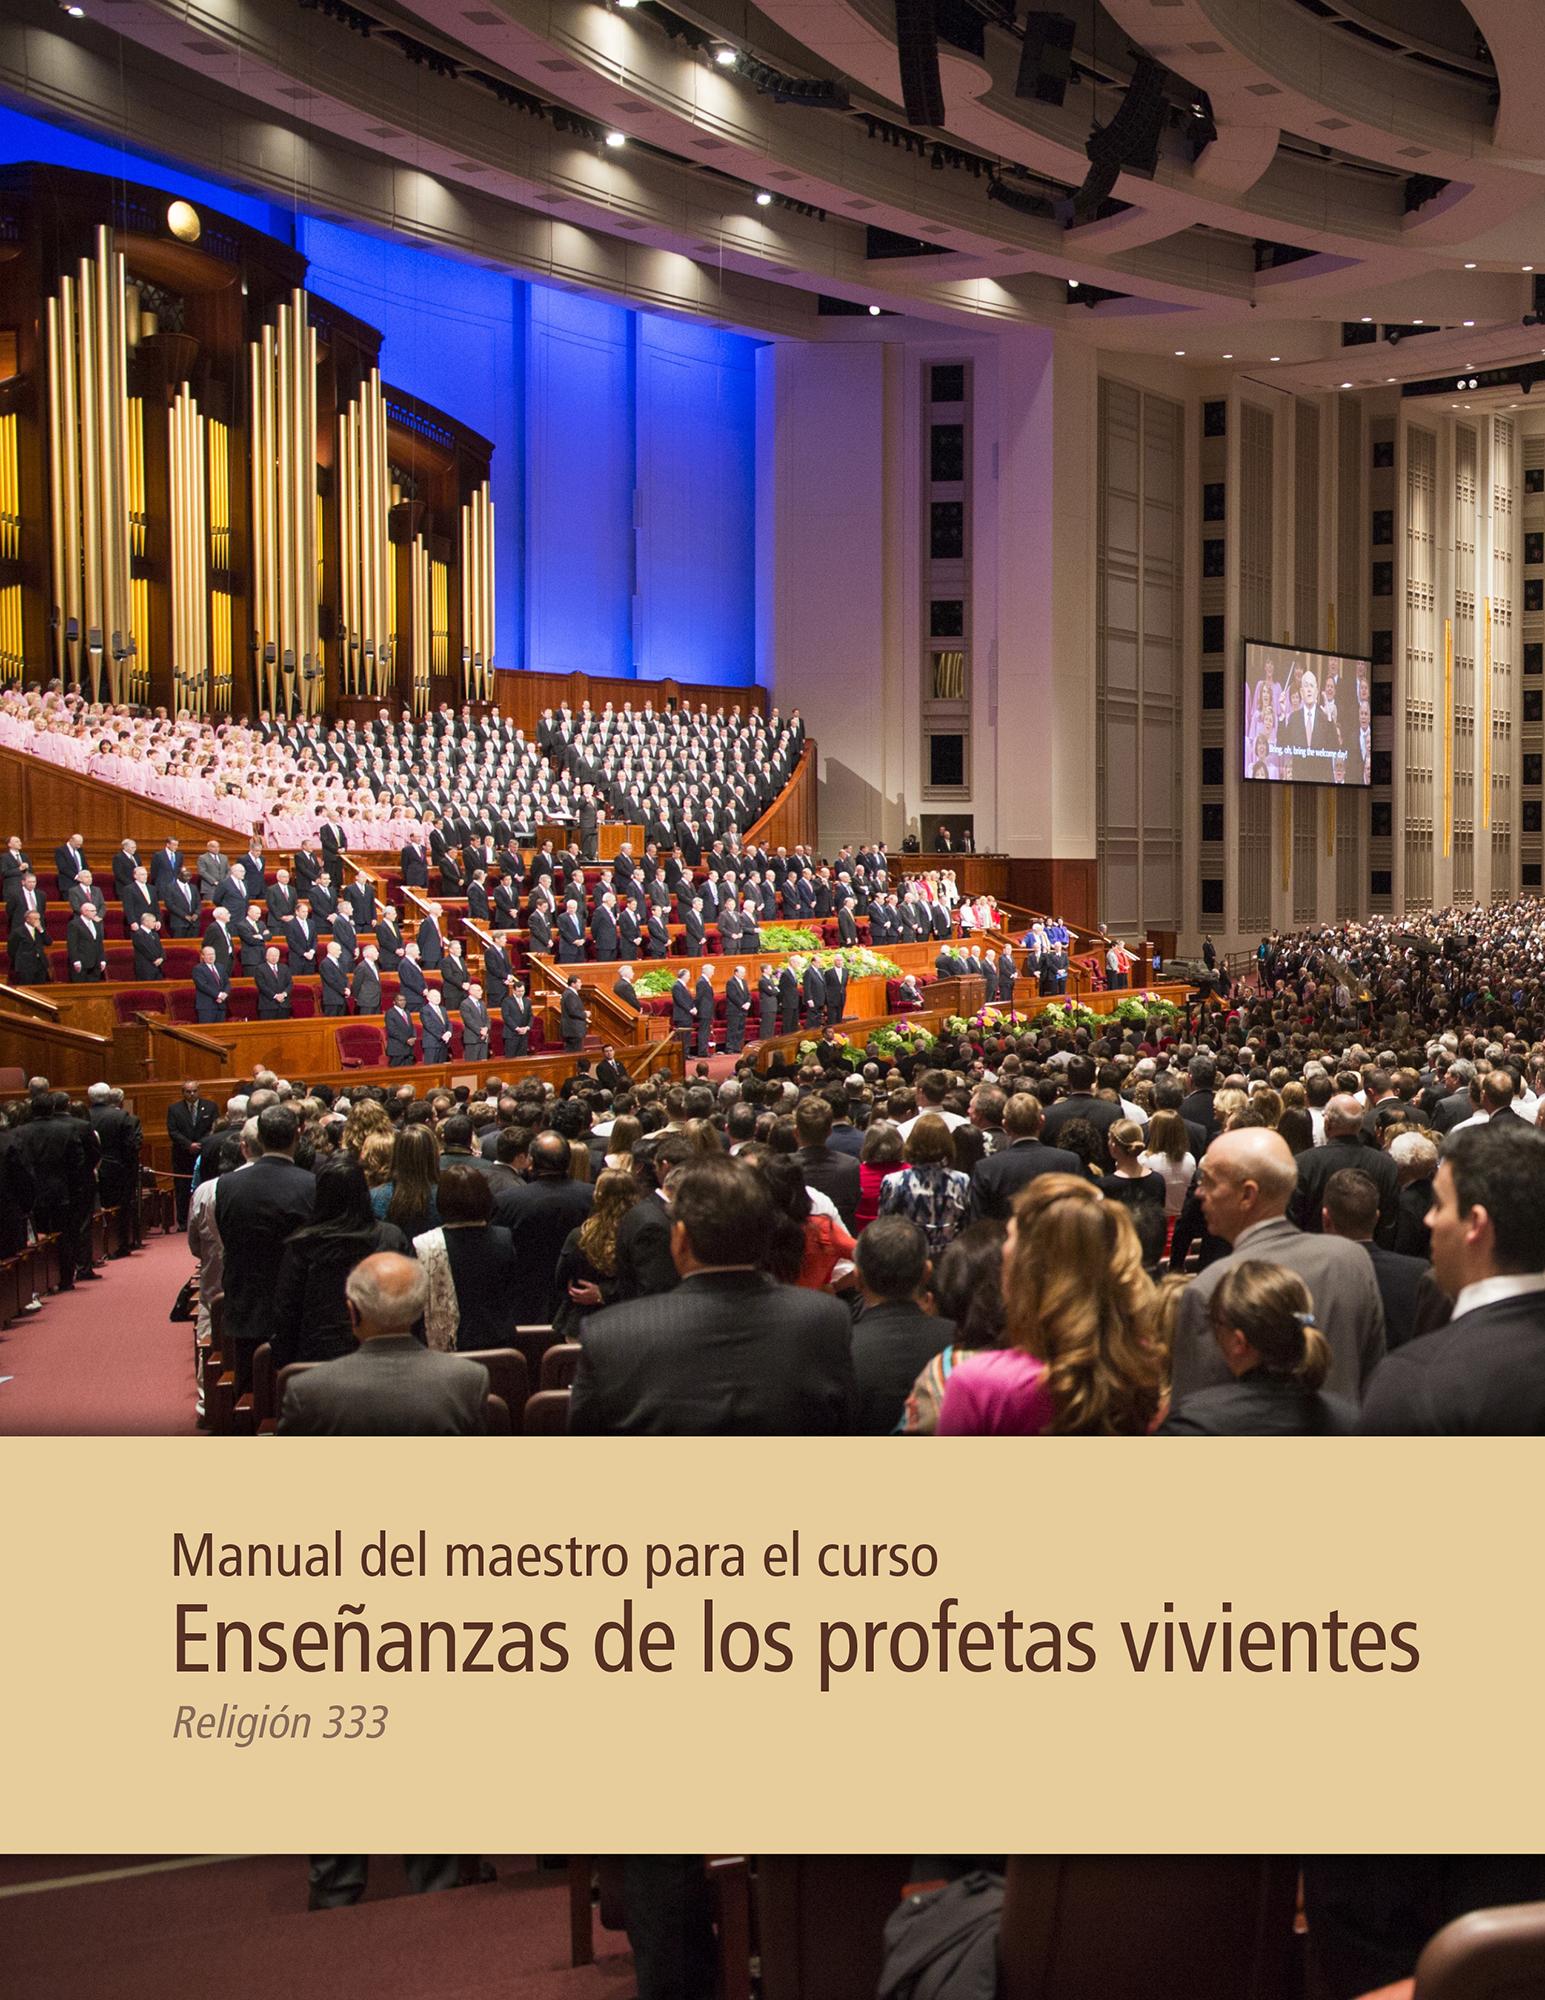 Enseñanzas de los profetas vivientes: Guía para el instructor